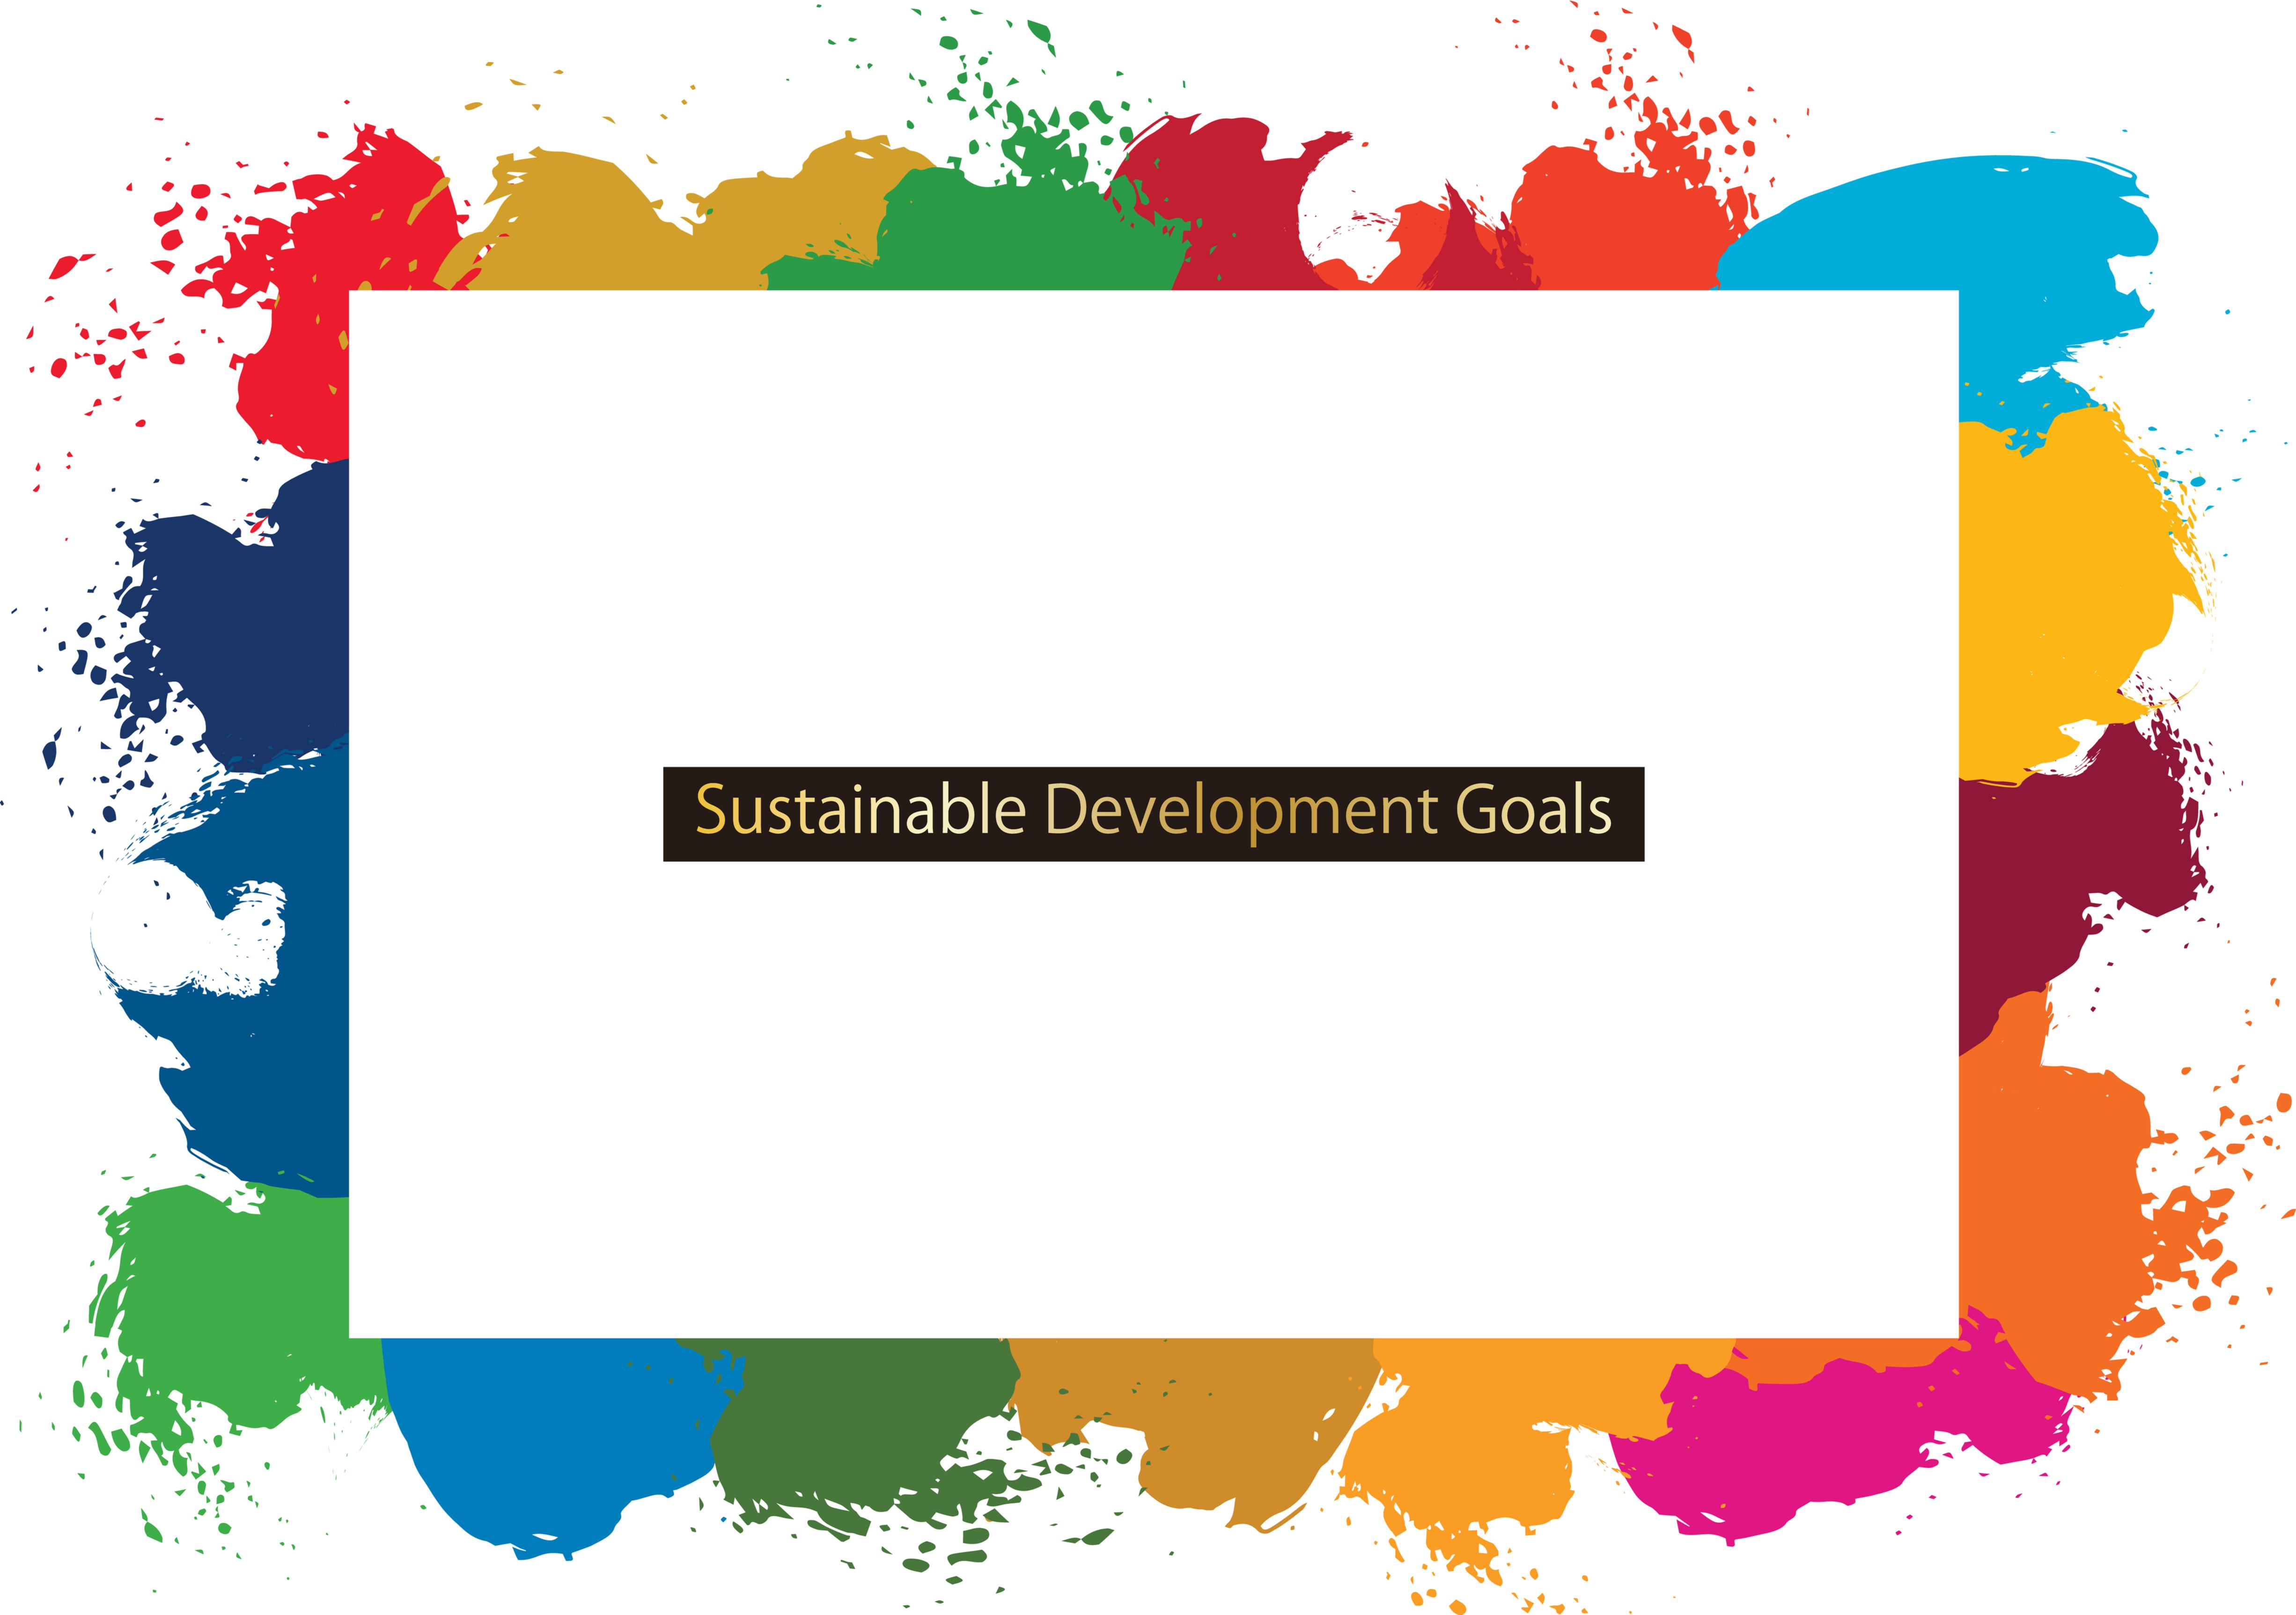 SDGs とは わかりやすく 見出し1.jpg